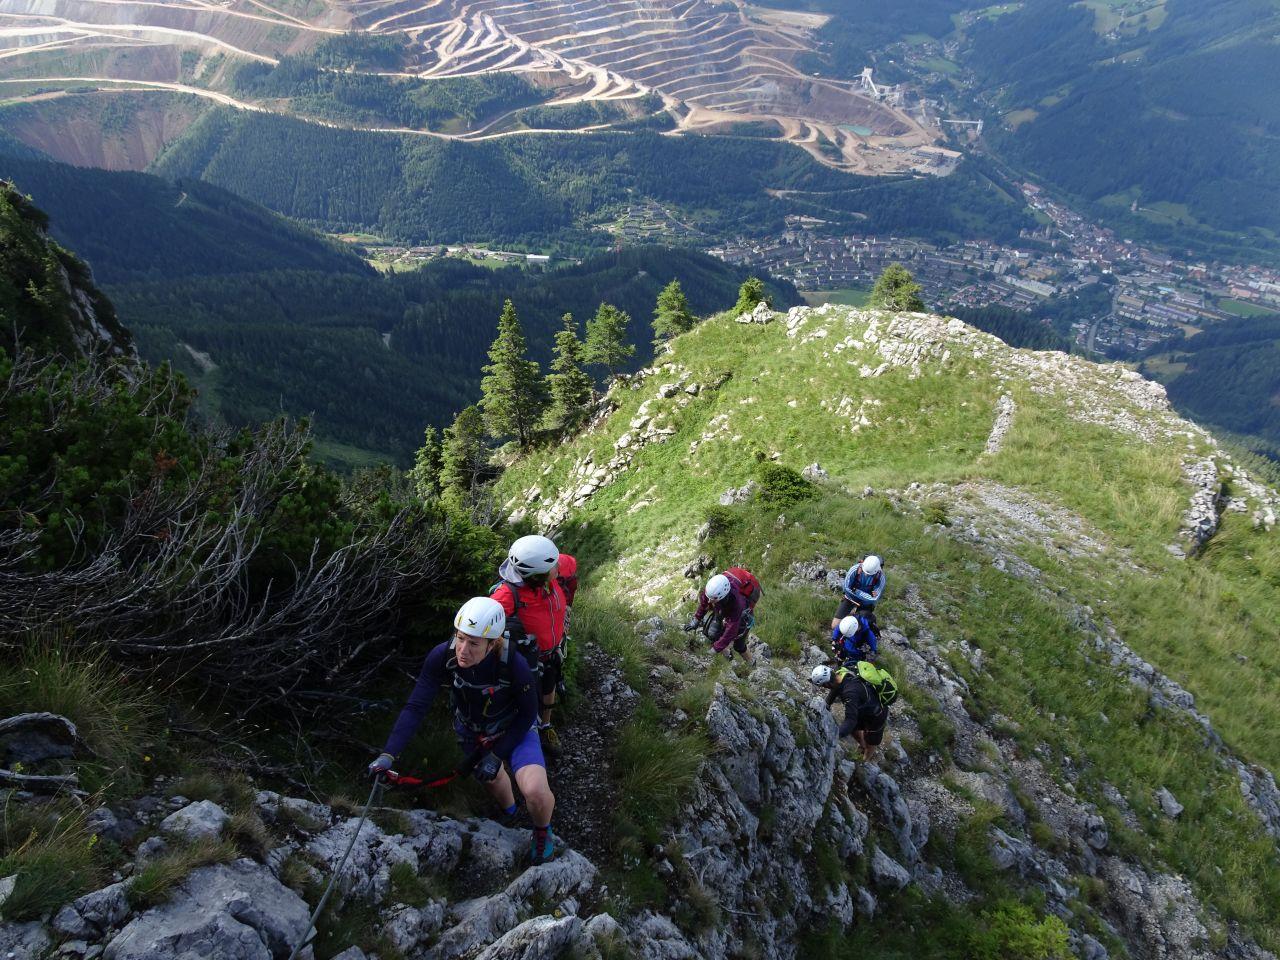 Eisenerzer Klettersteig : Eisenerzer klettersteig pfaffenstein alpenverein